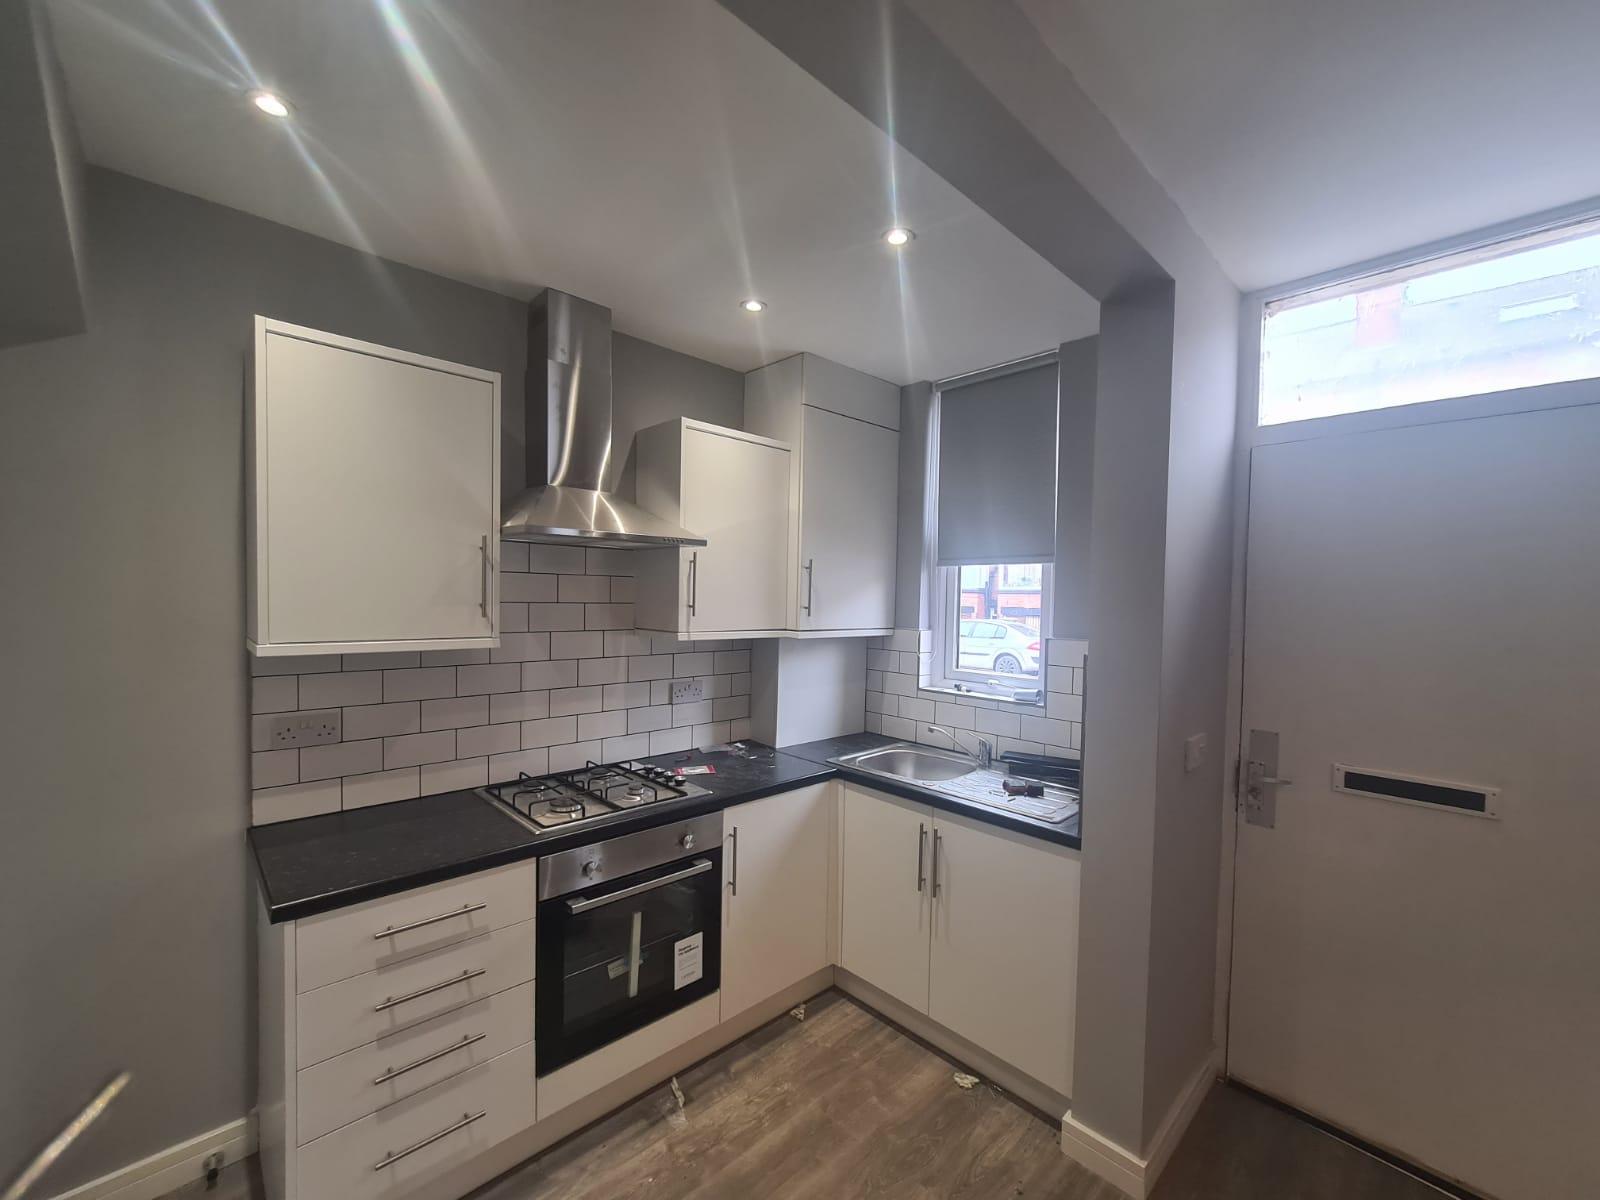 https://www.landlorddirectlets.co.uk/storage/app/uploads/public/603/f84/9a4/603f849a48bb9525713604.jpeg